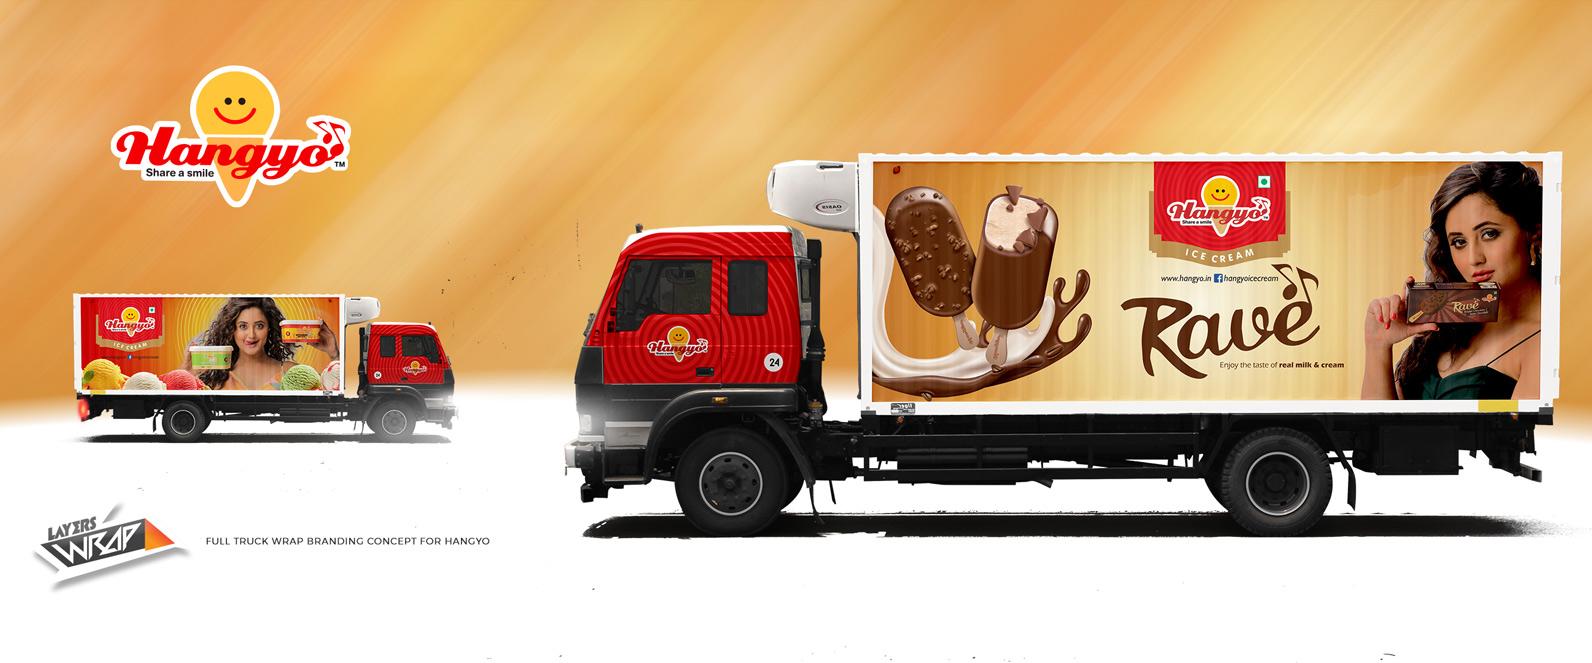 Hangyo Ice Cream Full Truck Branding